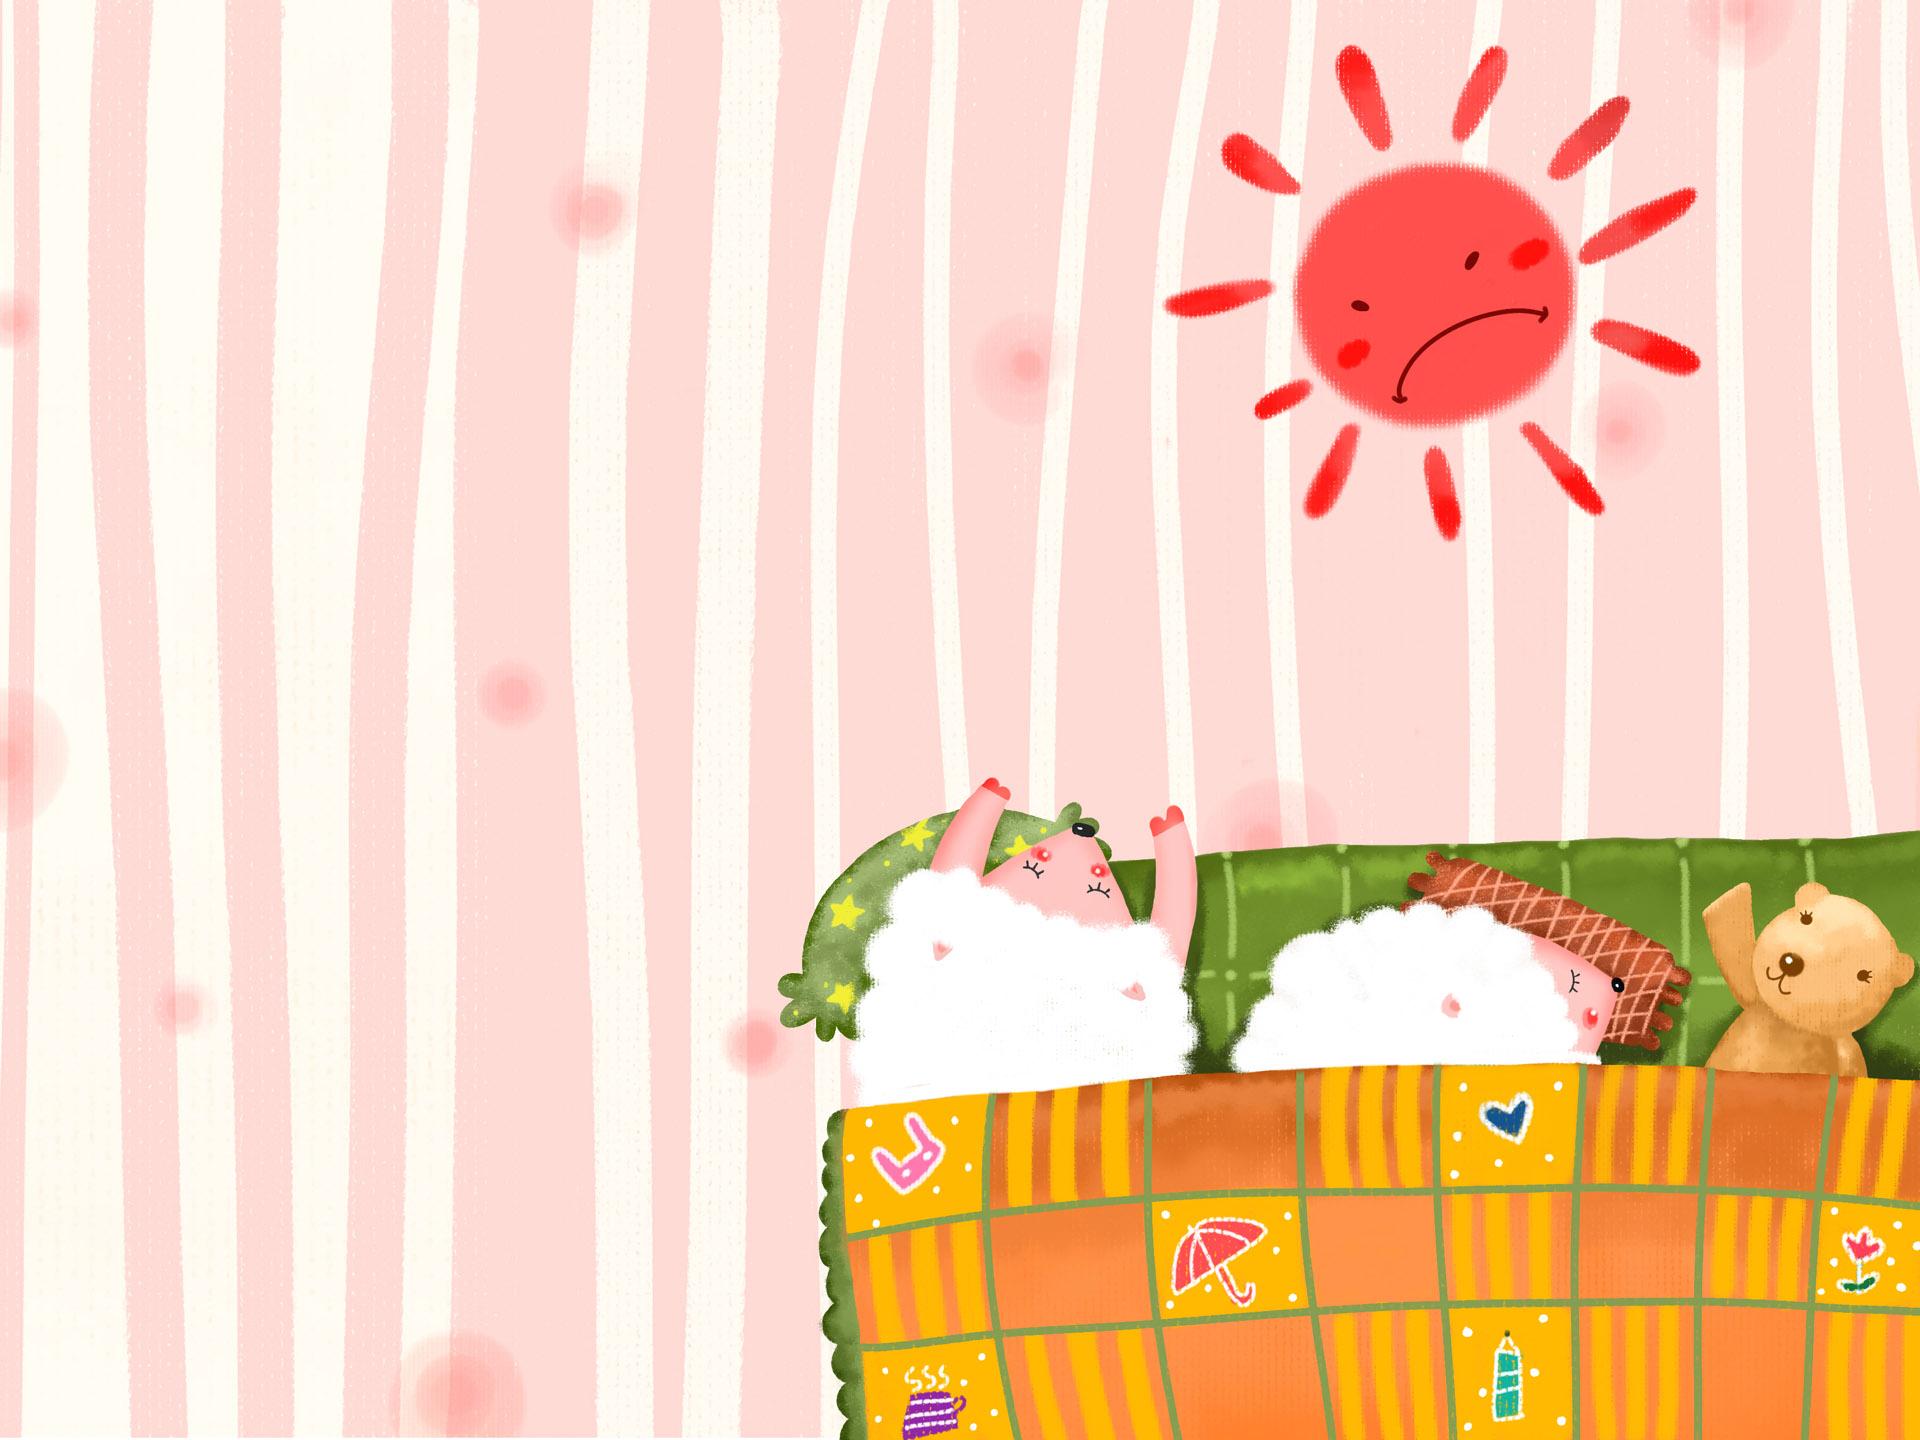 超大卡通壁纸-设计欣赏-素材中国-online.sccnn.com